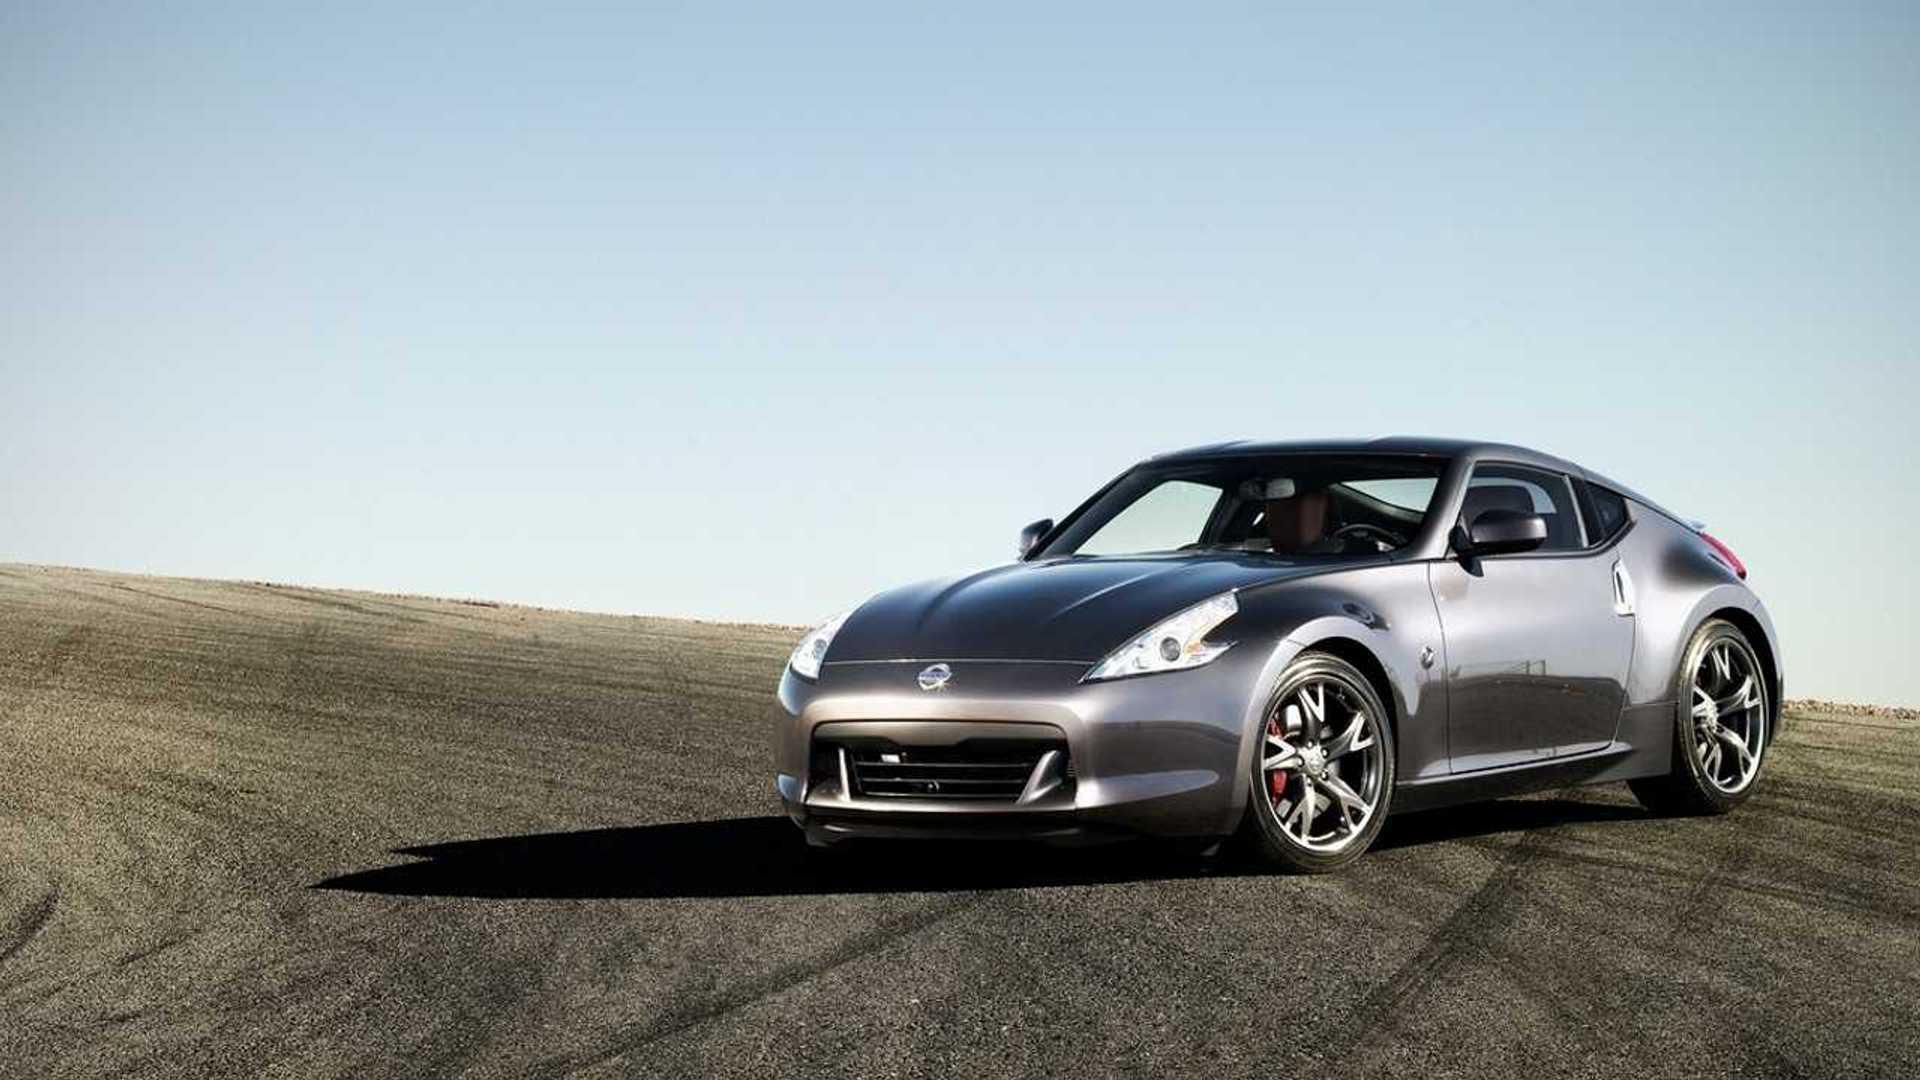 Nissan для создания новых спорткаров не нужны партнёры